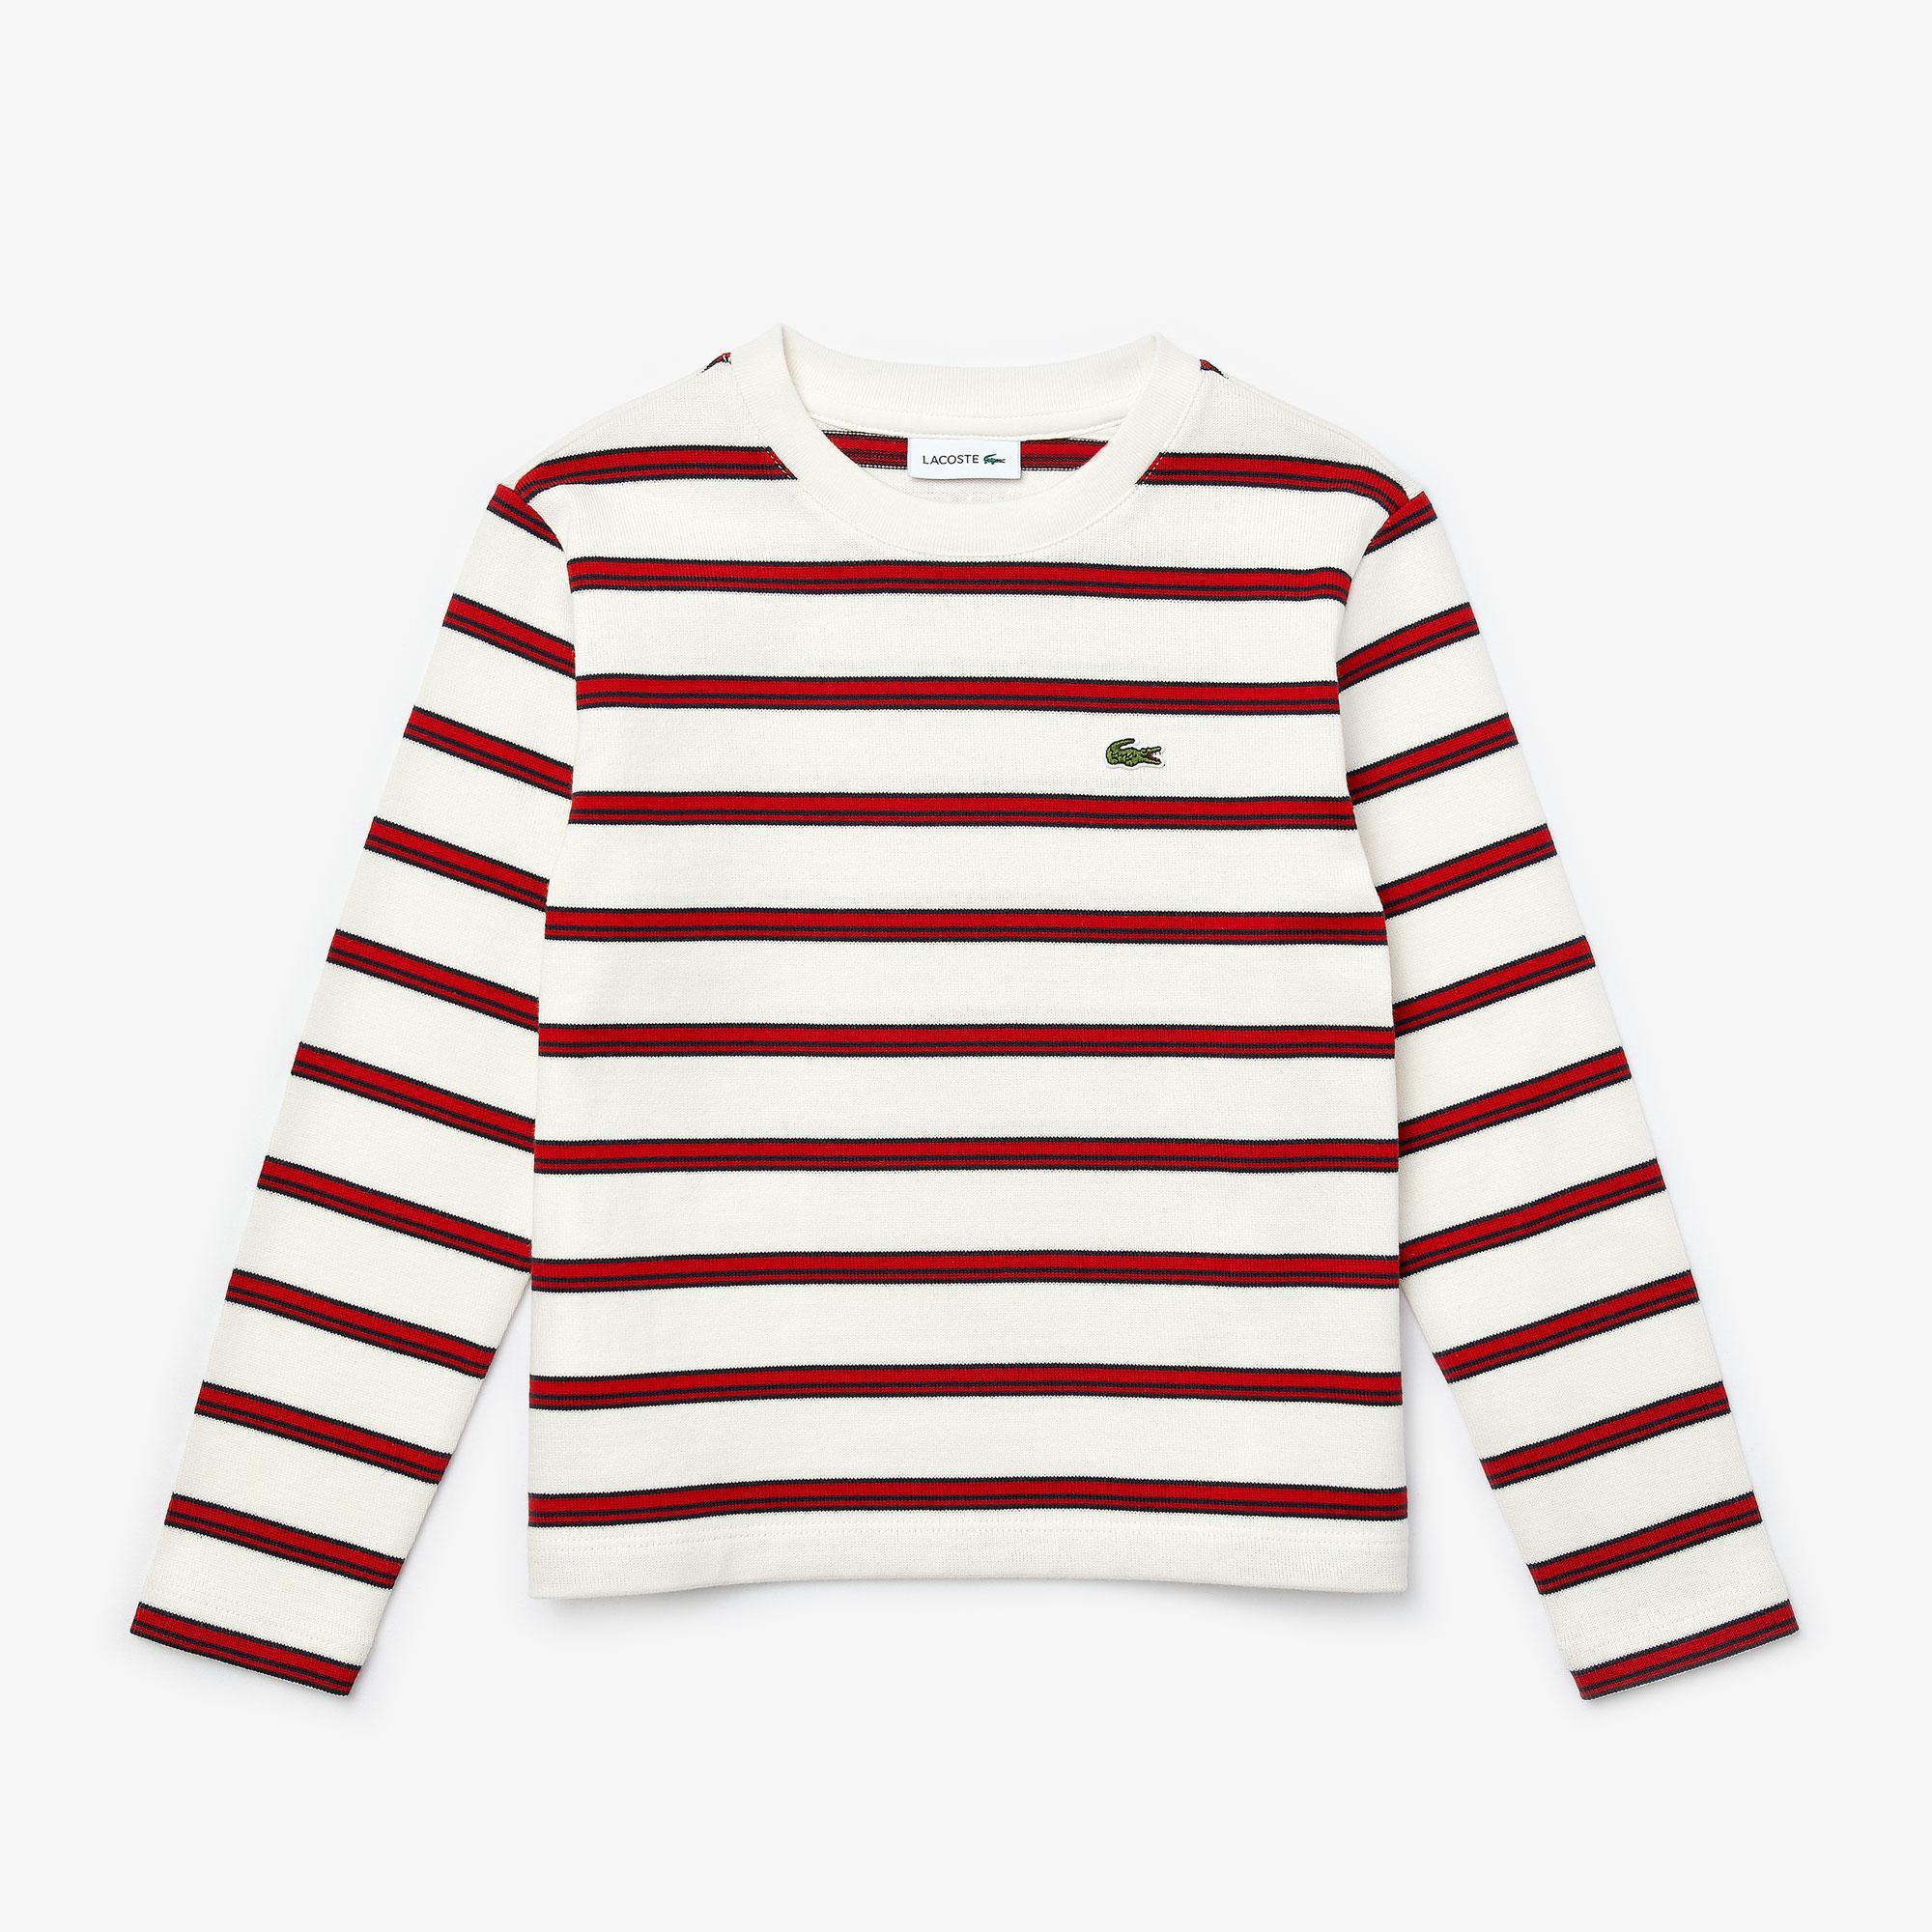 Lacoste Çocuk Çizgili Bisiklet Yaka Uzun Kollu Beyaz - Kırmızı T-Shirt